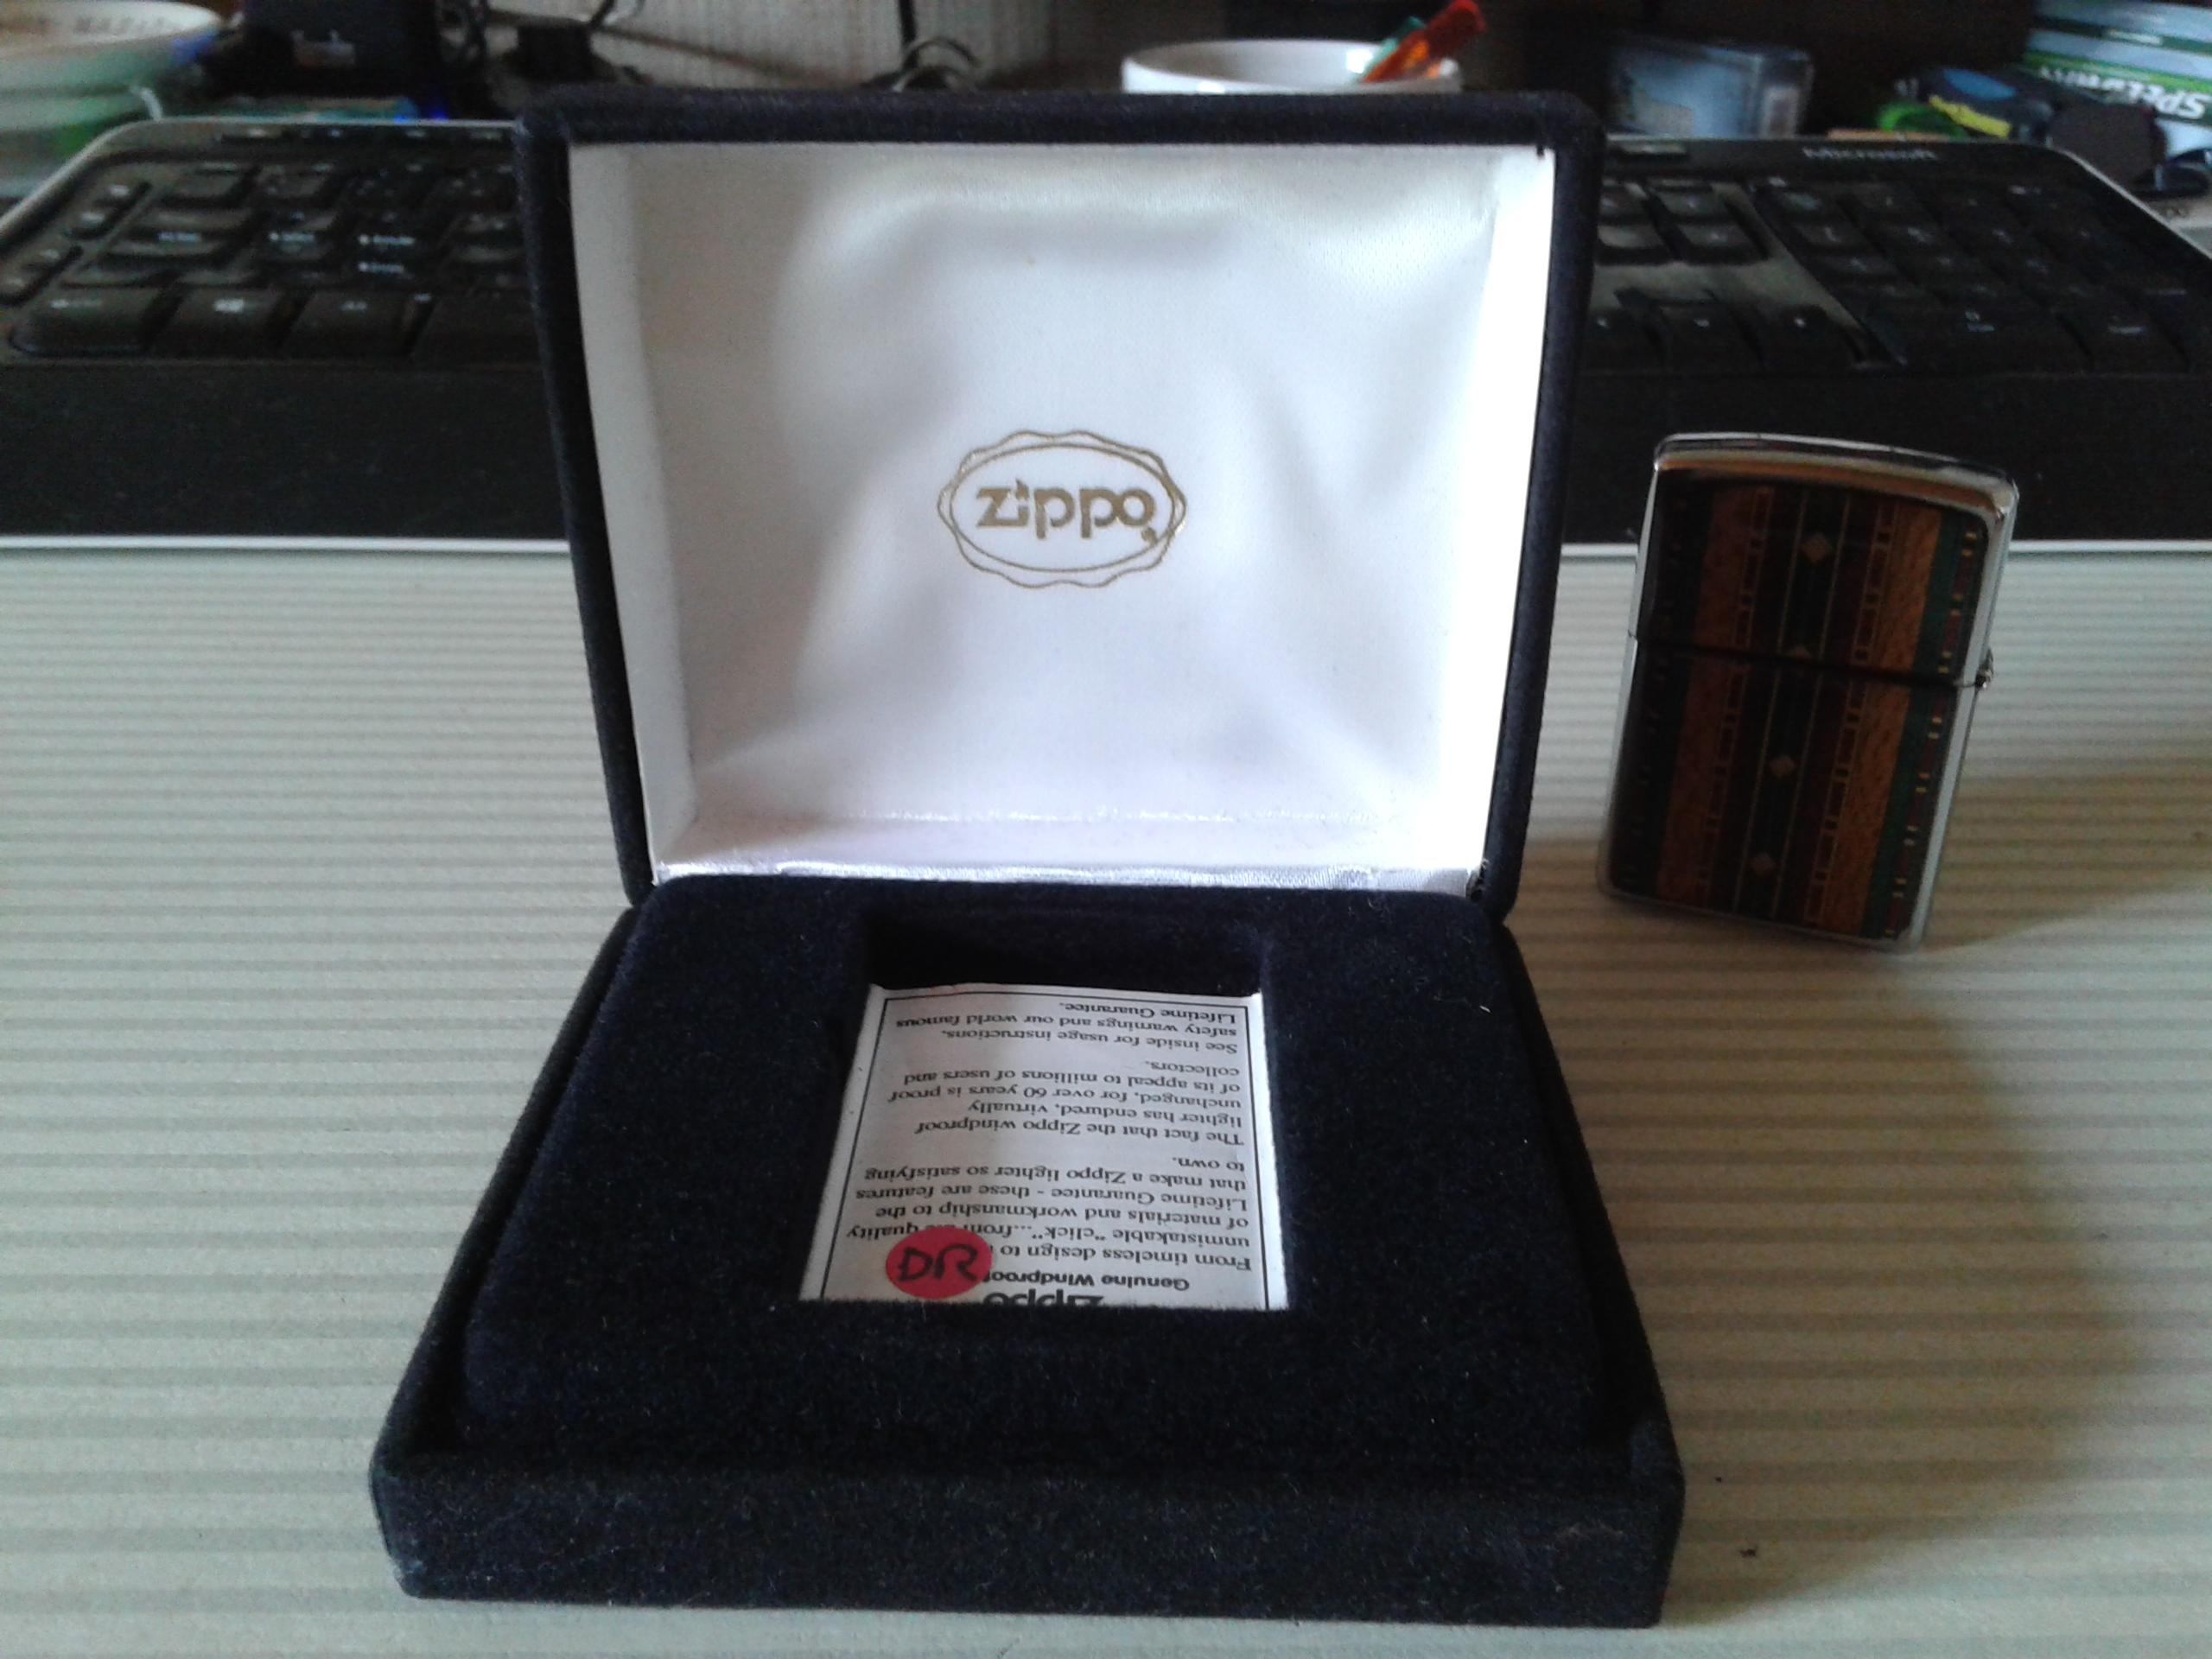 Les boites Zippo au fil du temps - Page 2 85882420170727130700